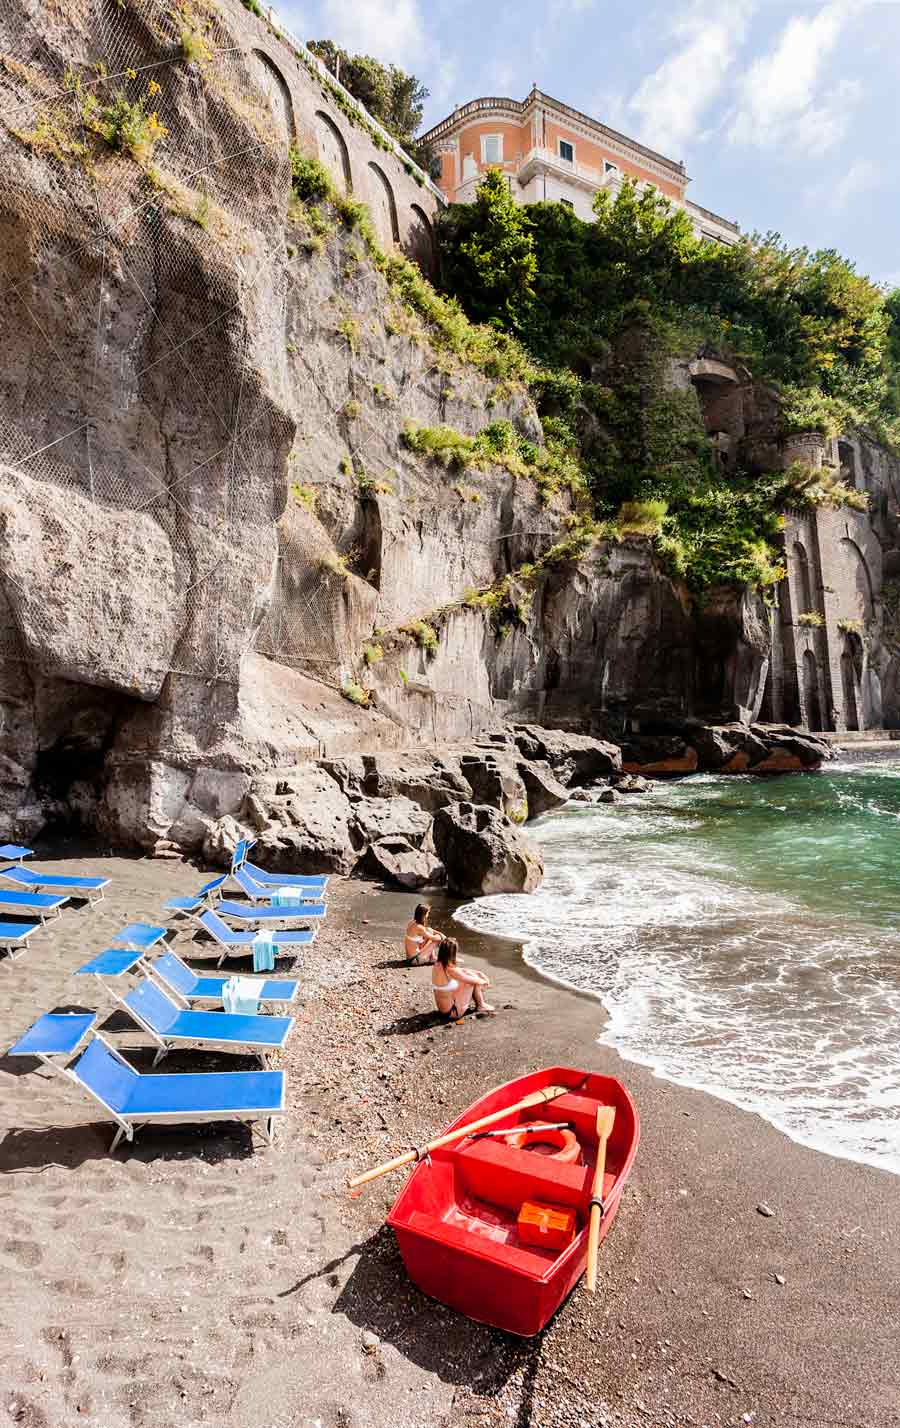 The beach atGrand Hotel Cocumella in SantAgnello di SorrentoItaly